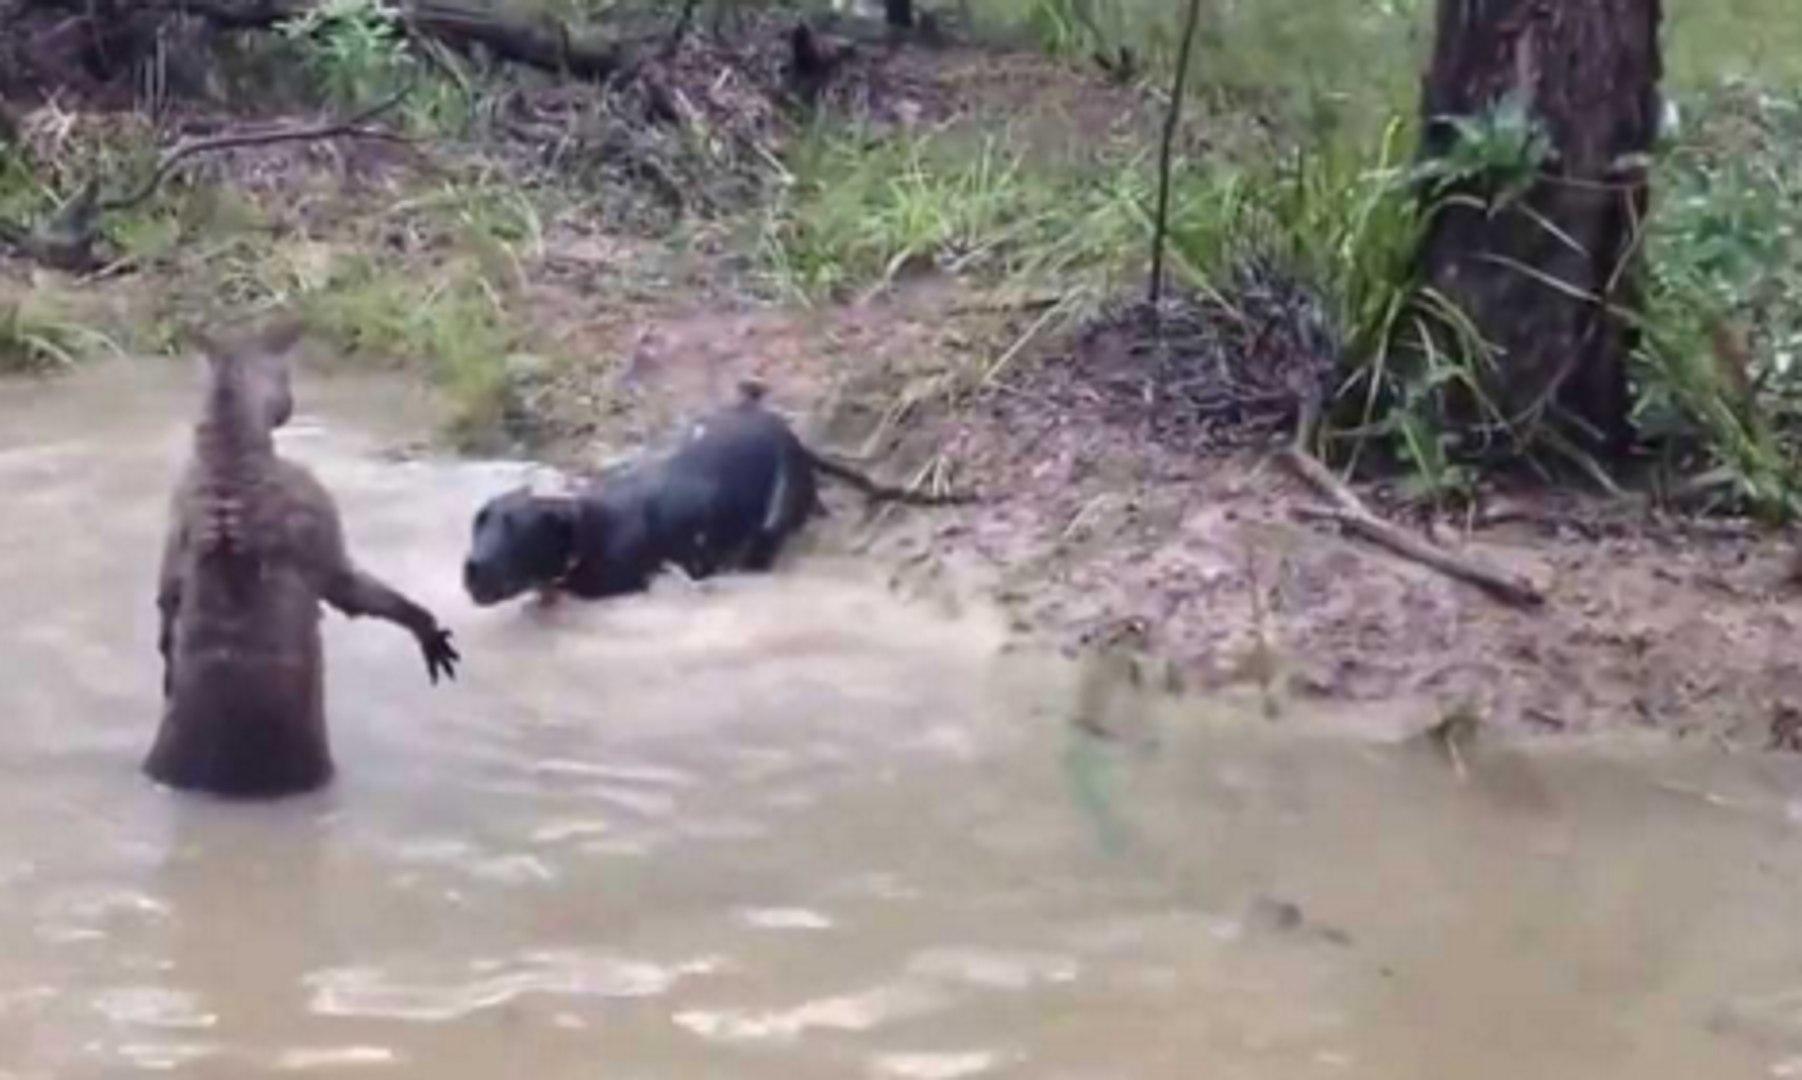 Охота, бой собаки с чупакаброй. Реальные кадры